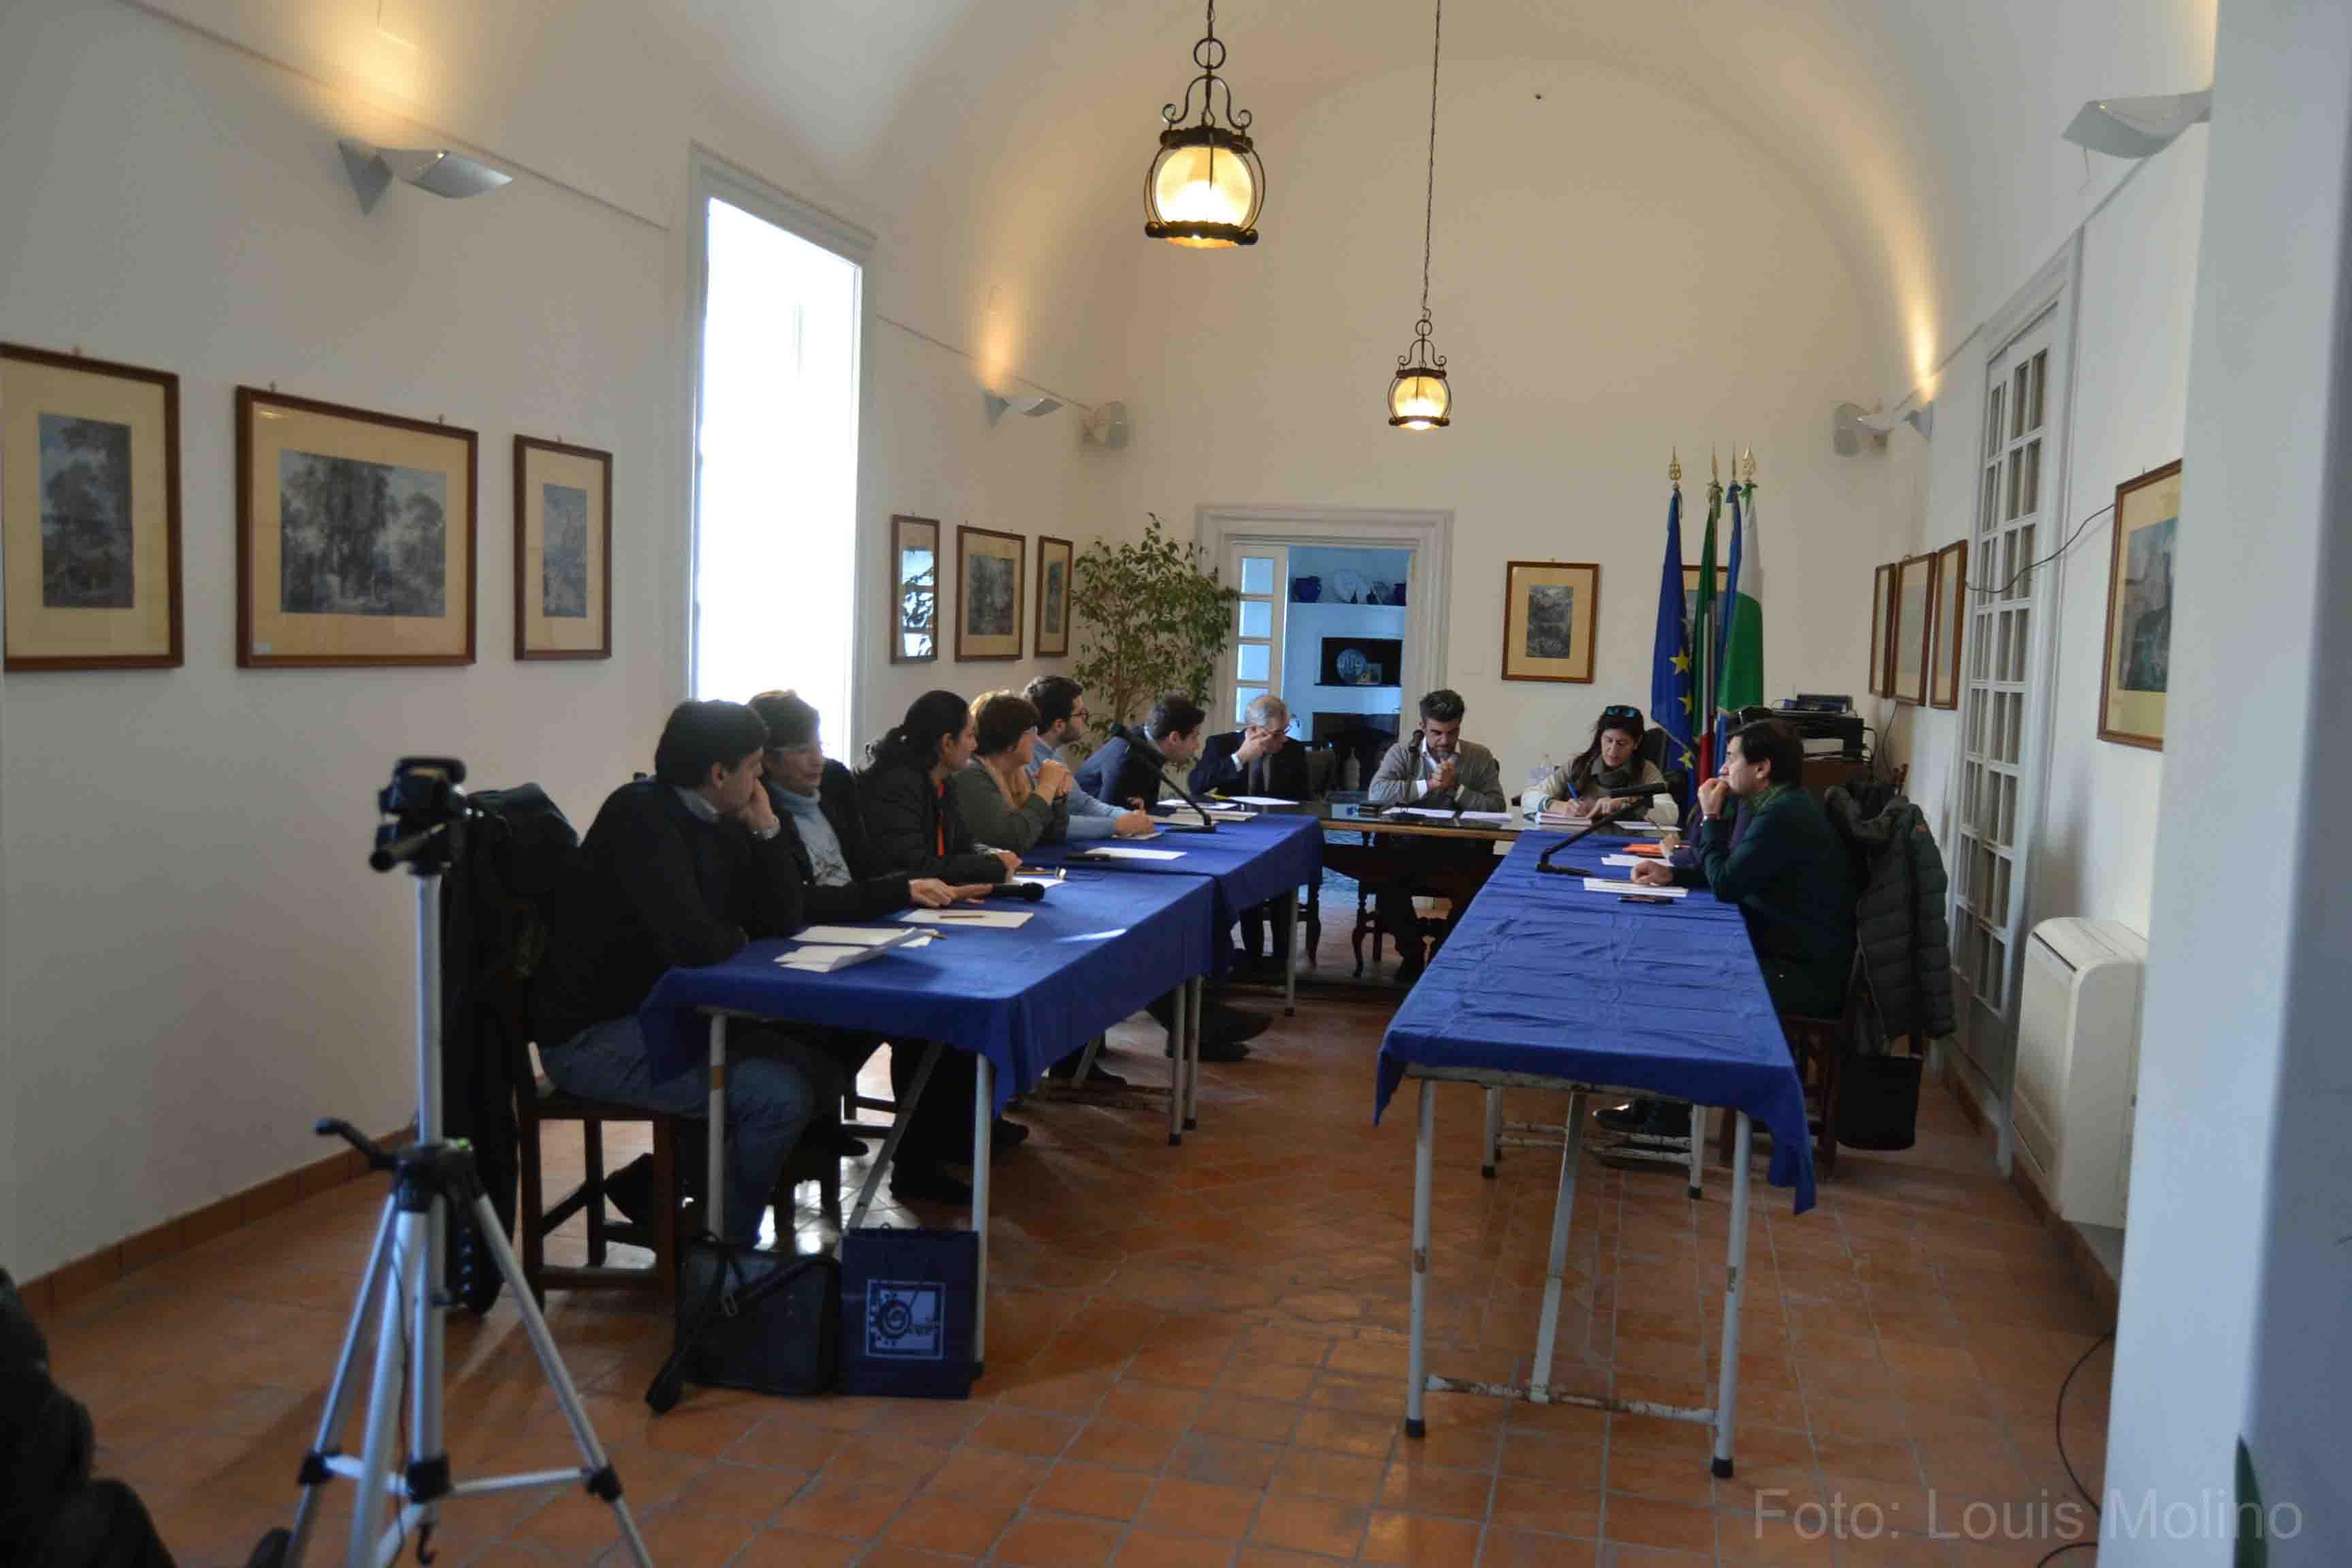 Il Comune di Capri Approva regolamento sulle Slot: Giochi Vietati entro 500mt dai luoghi sensibili